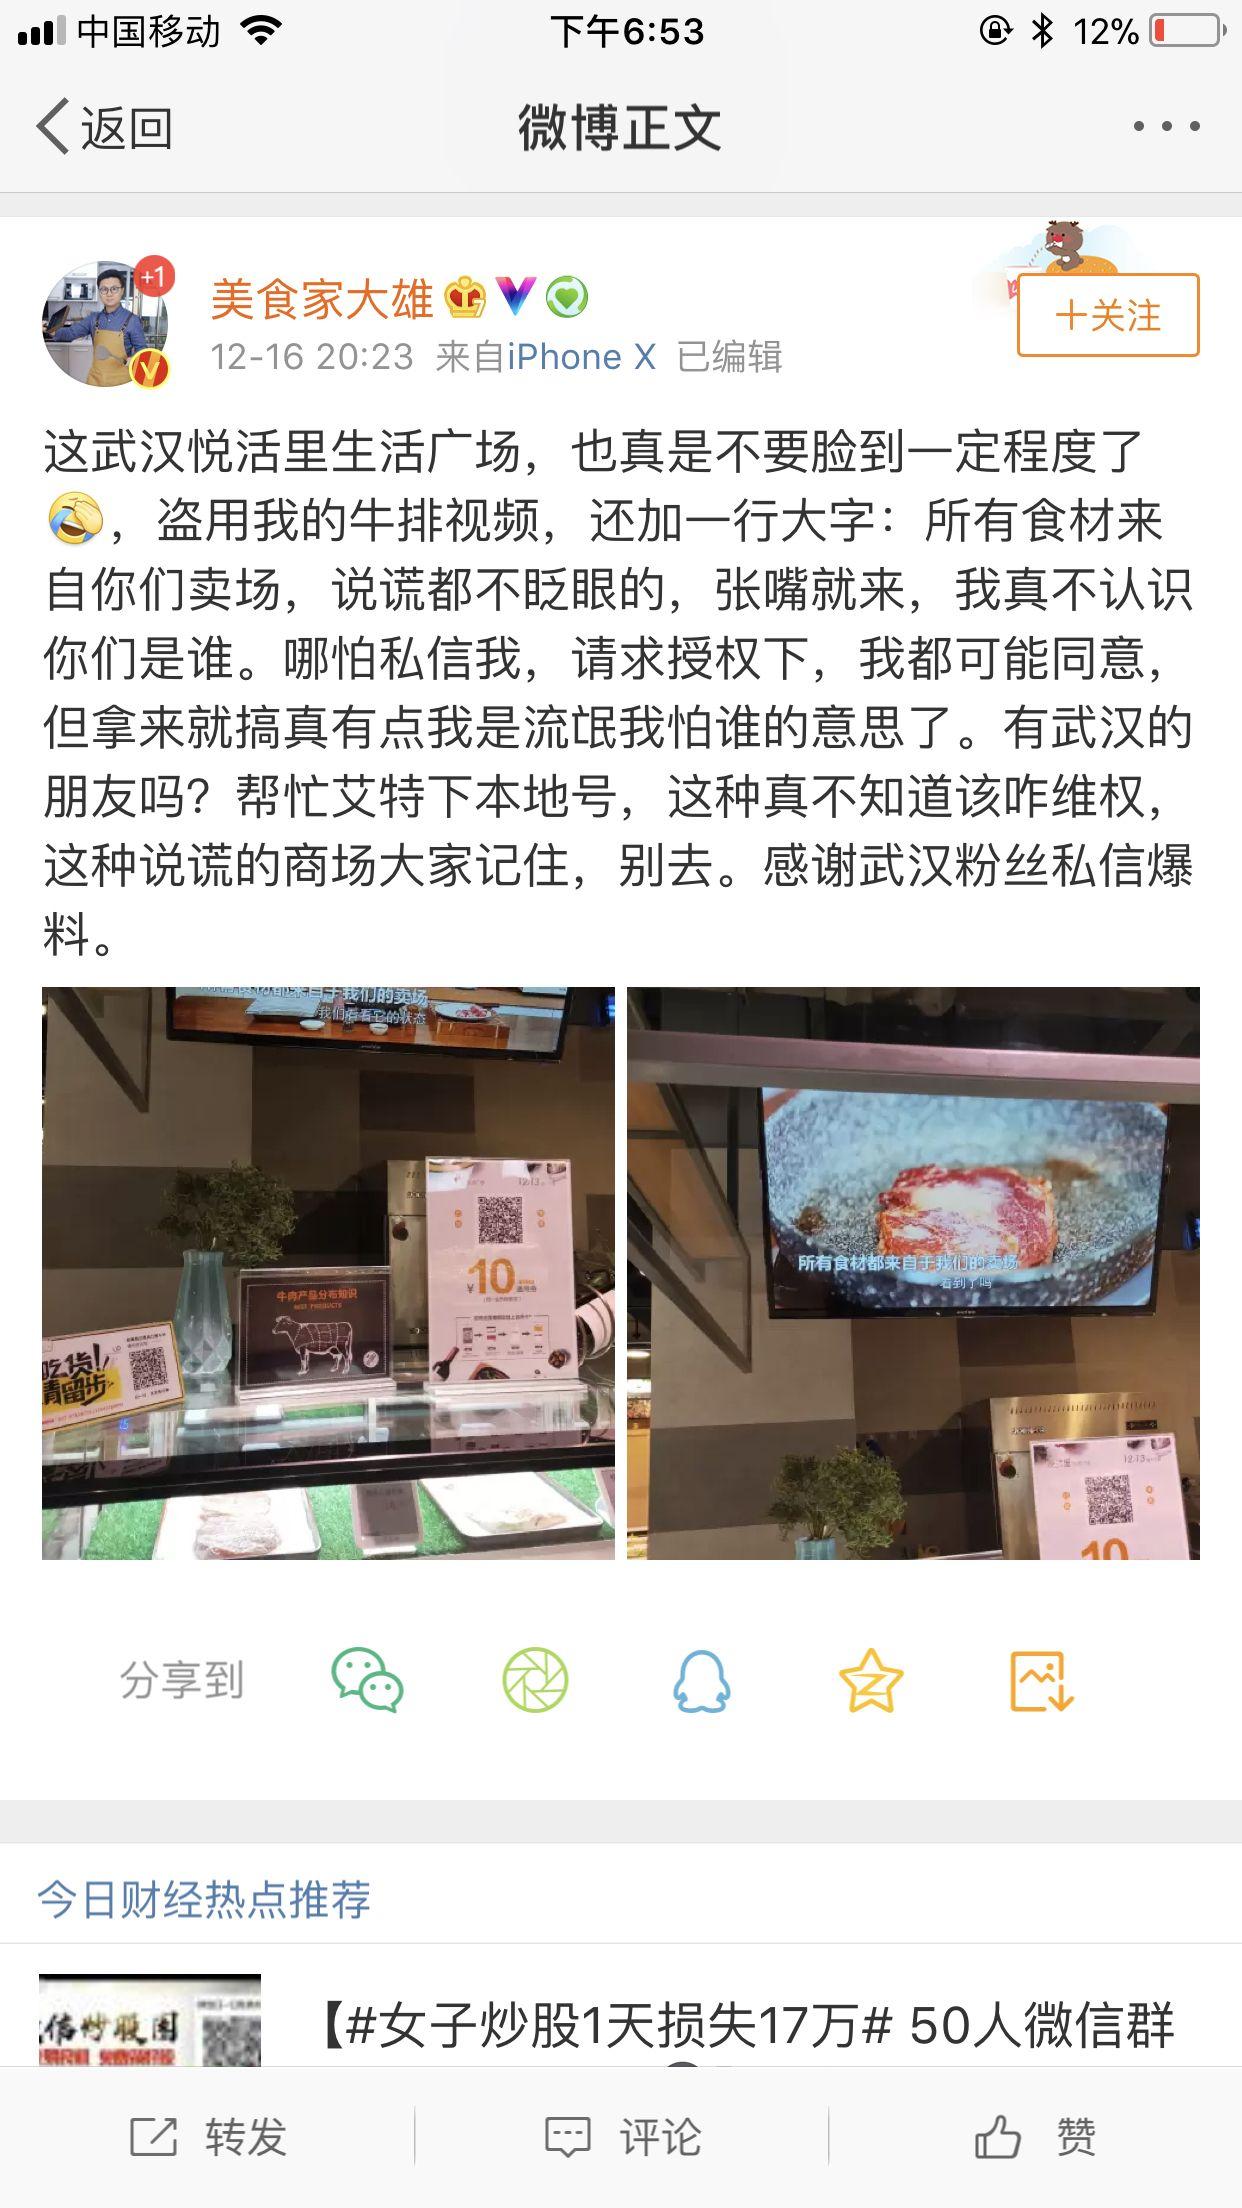 粉蒸肉是哪里的菜把美食博主原创视频当作宣传片,武汉一超市档